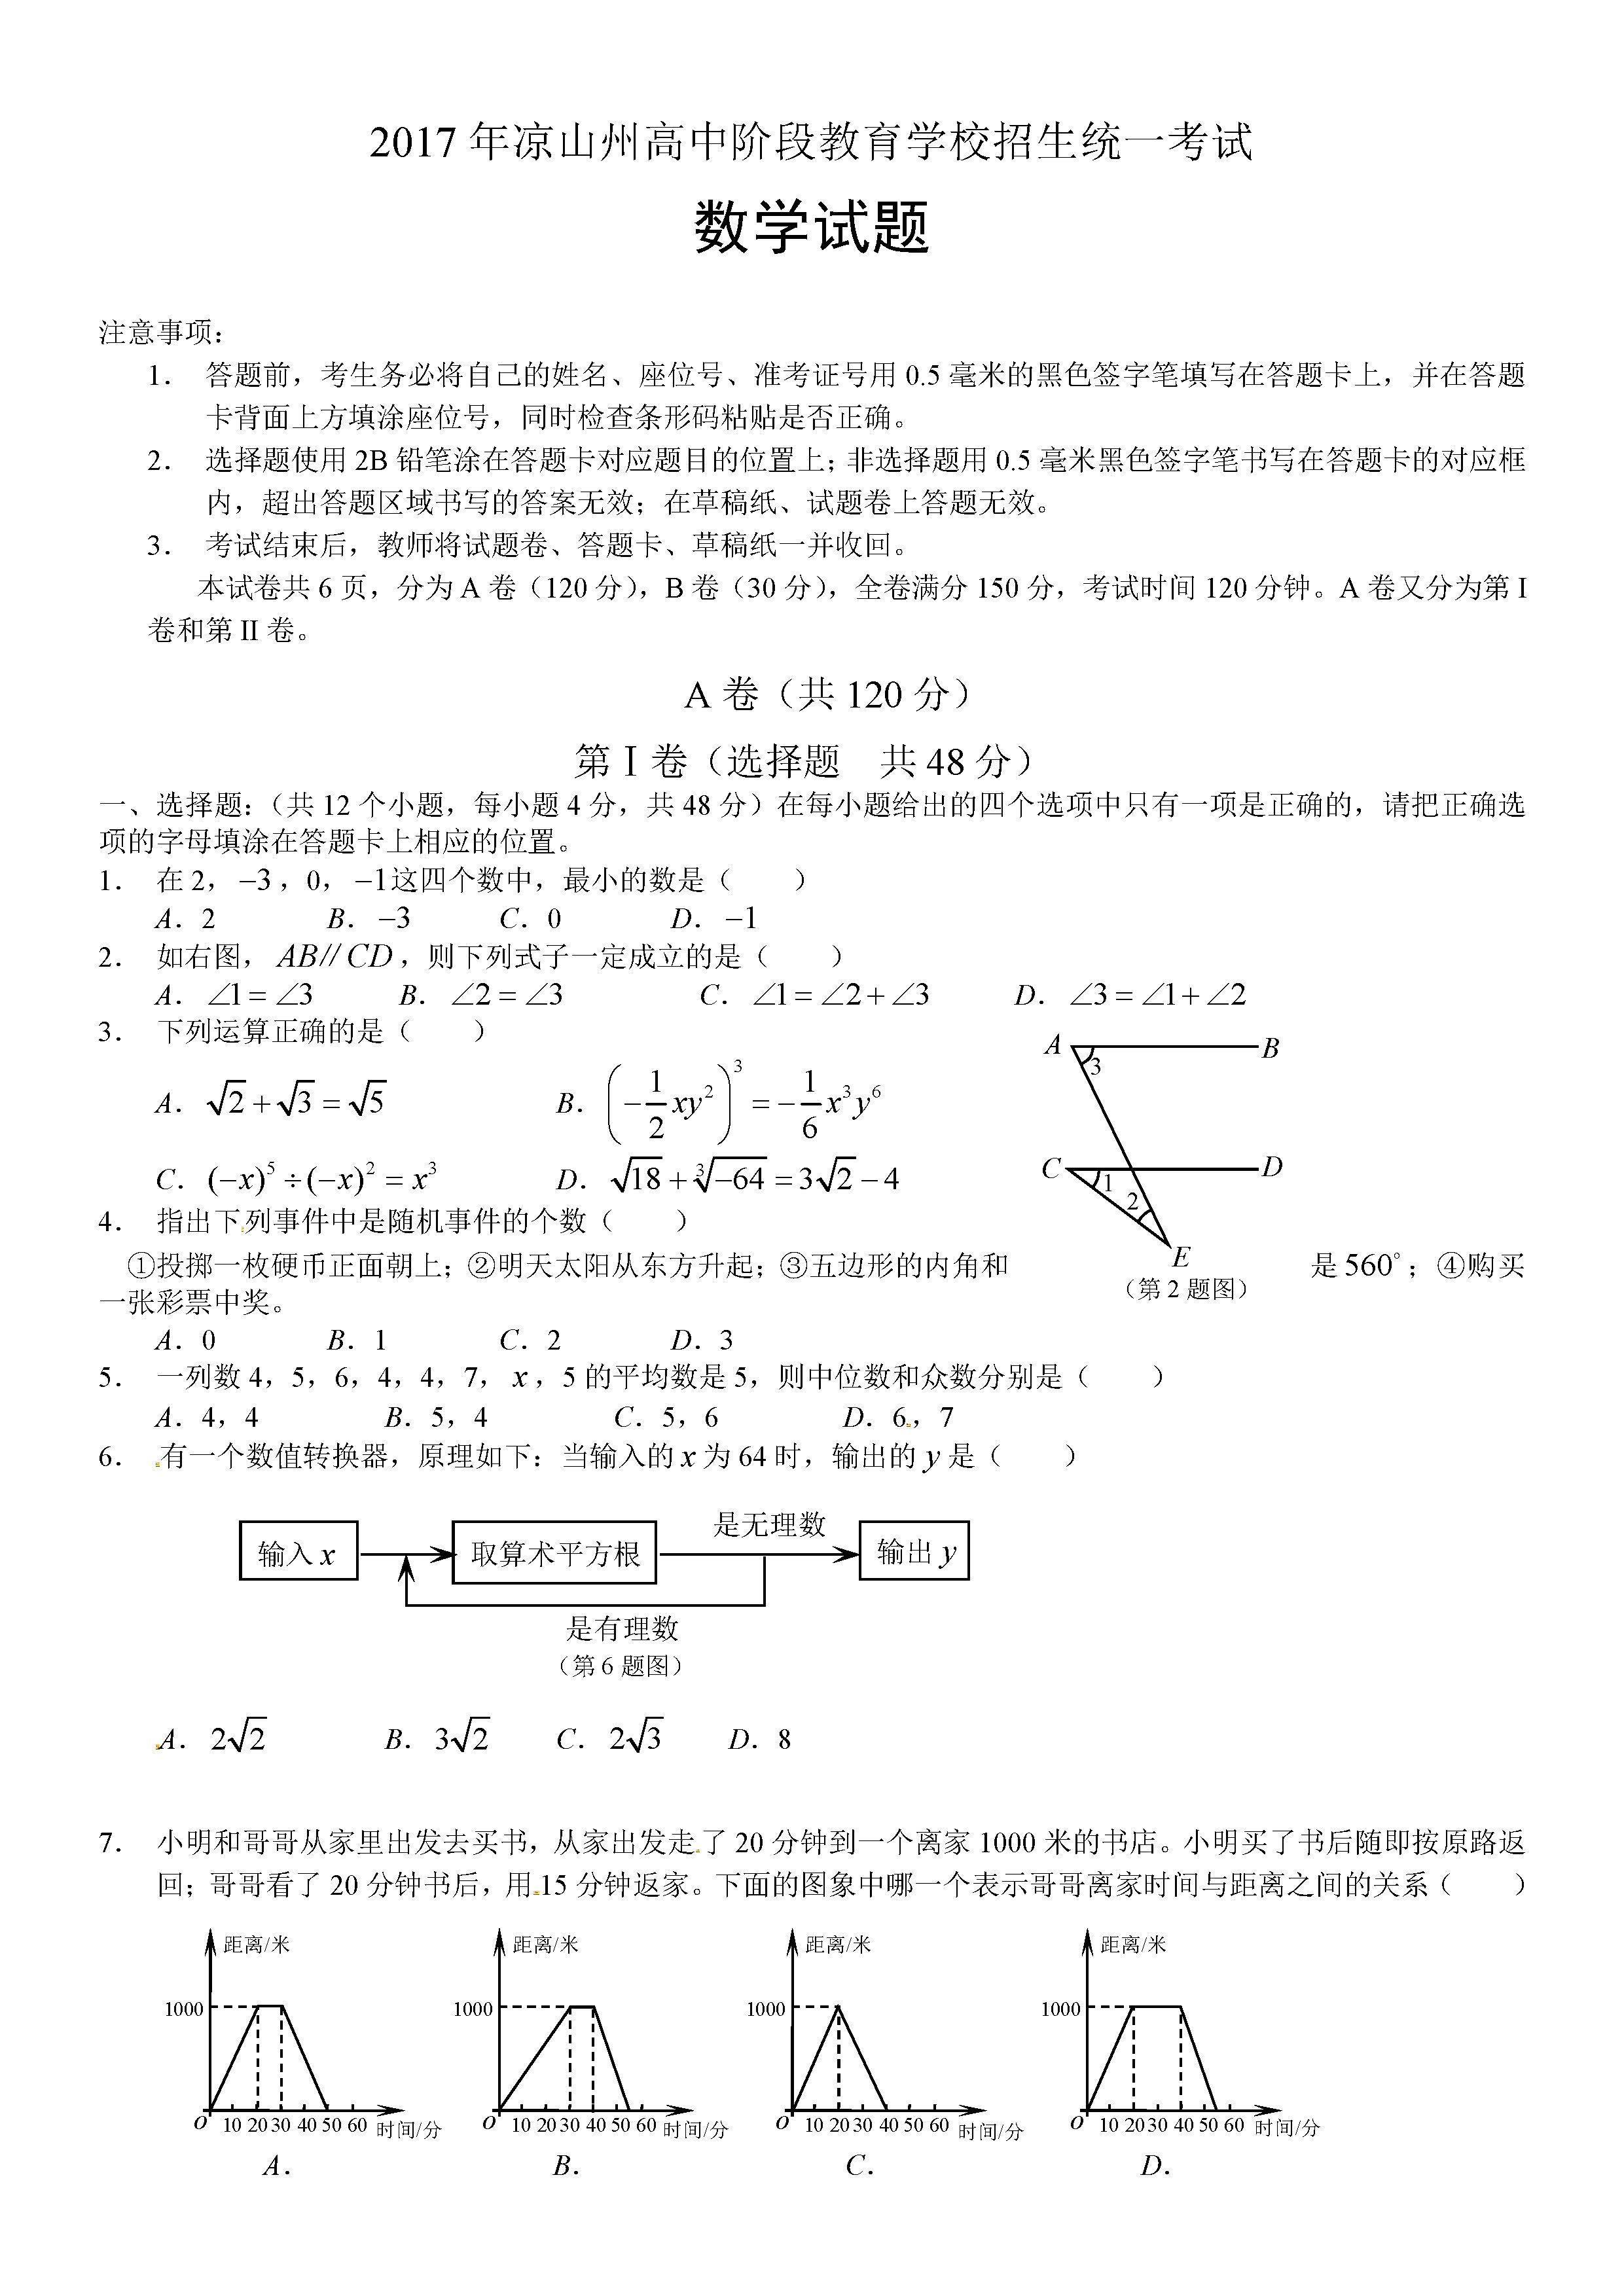 2017凉山中考数学试题及答案解析(word版含答案)